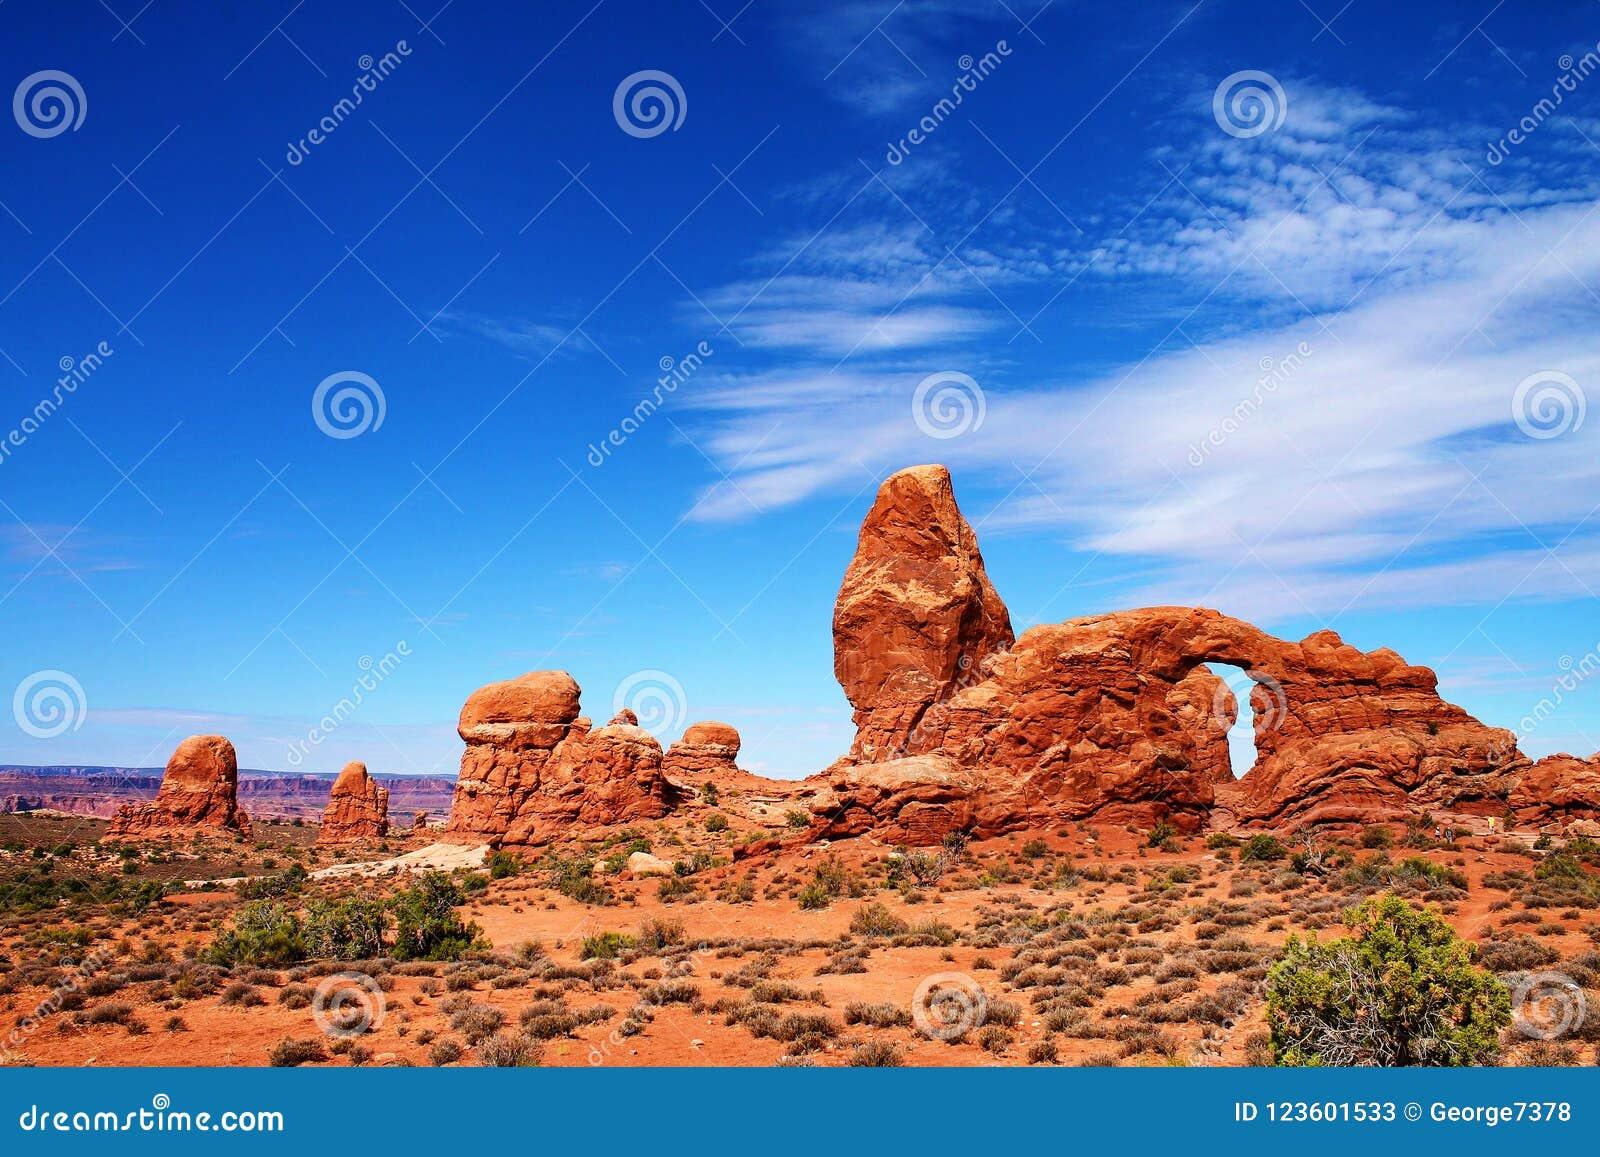 Скачками горные породы с башенками и сводом, через ландшафт пустыни в Юте